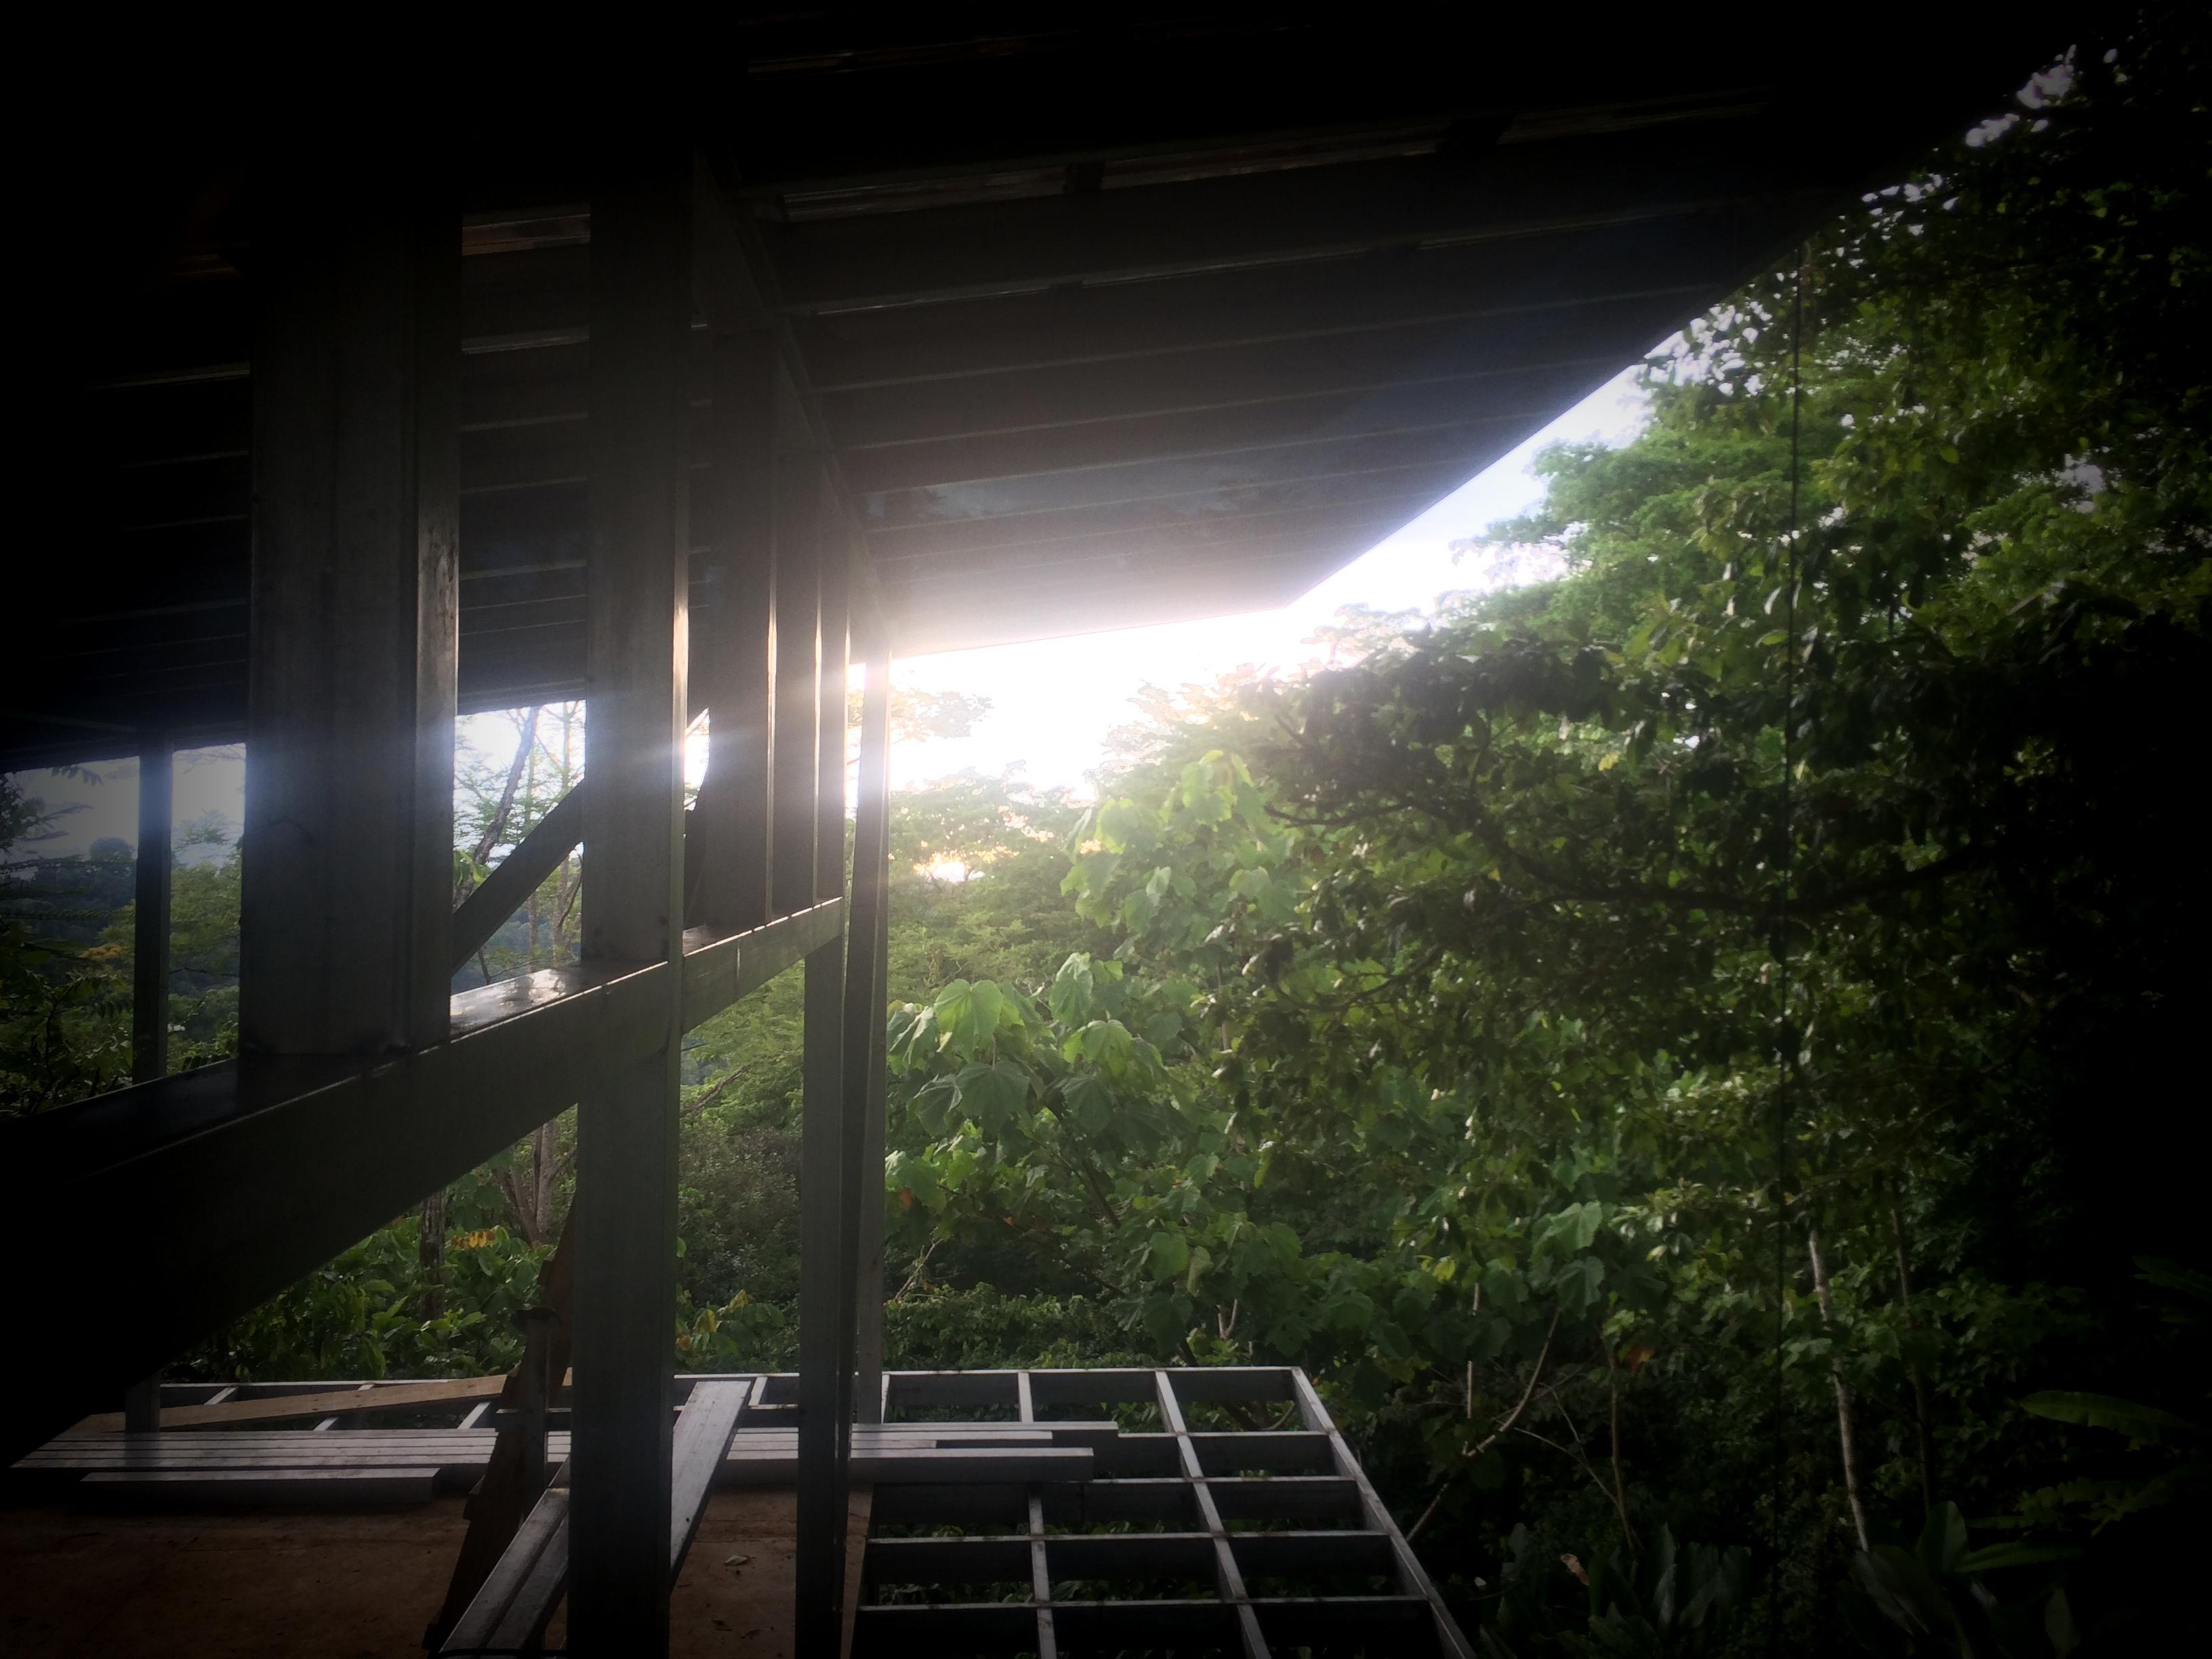 back overhang